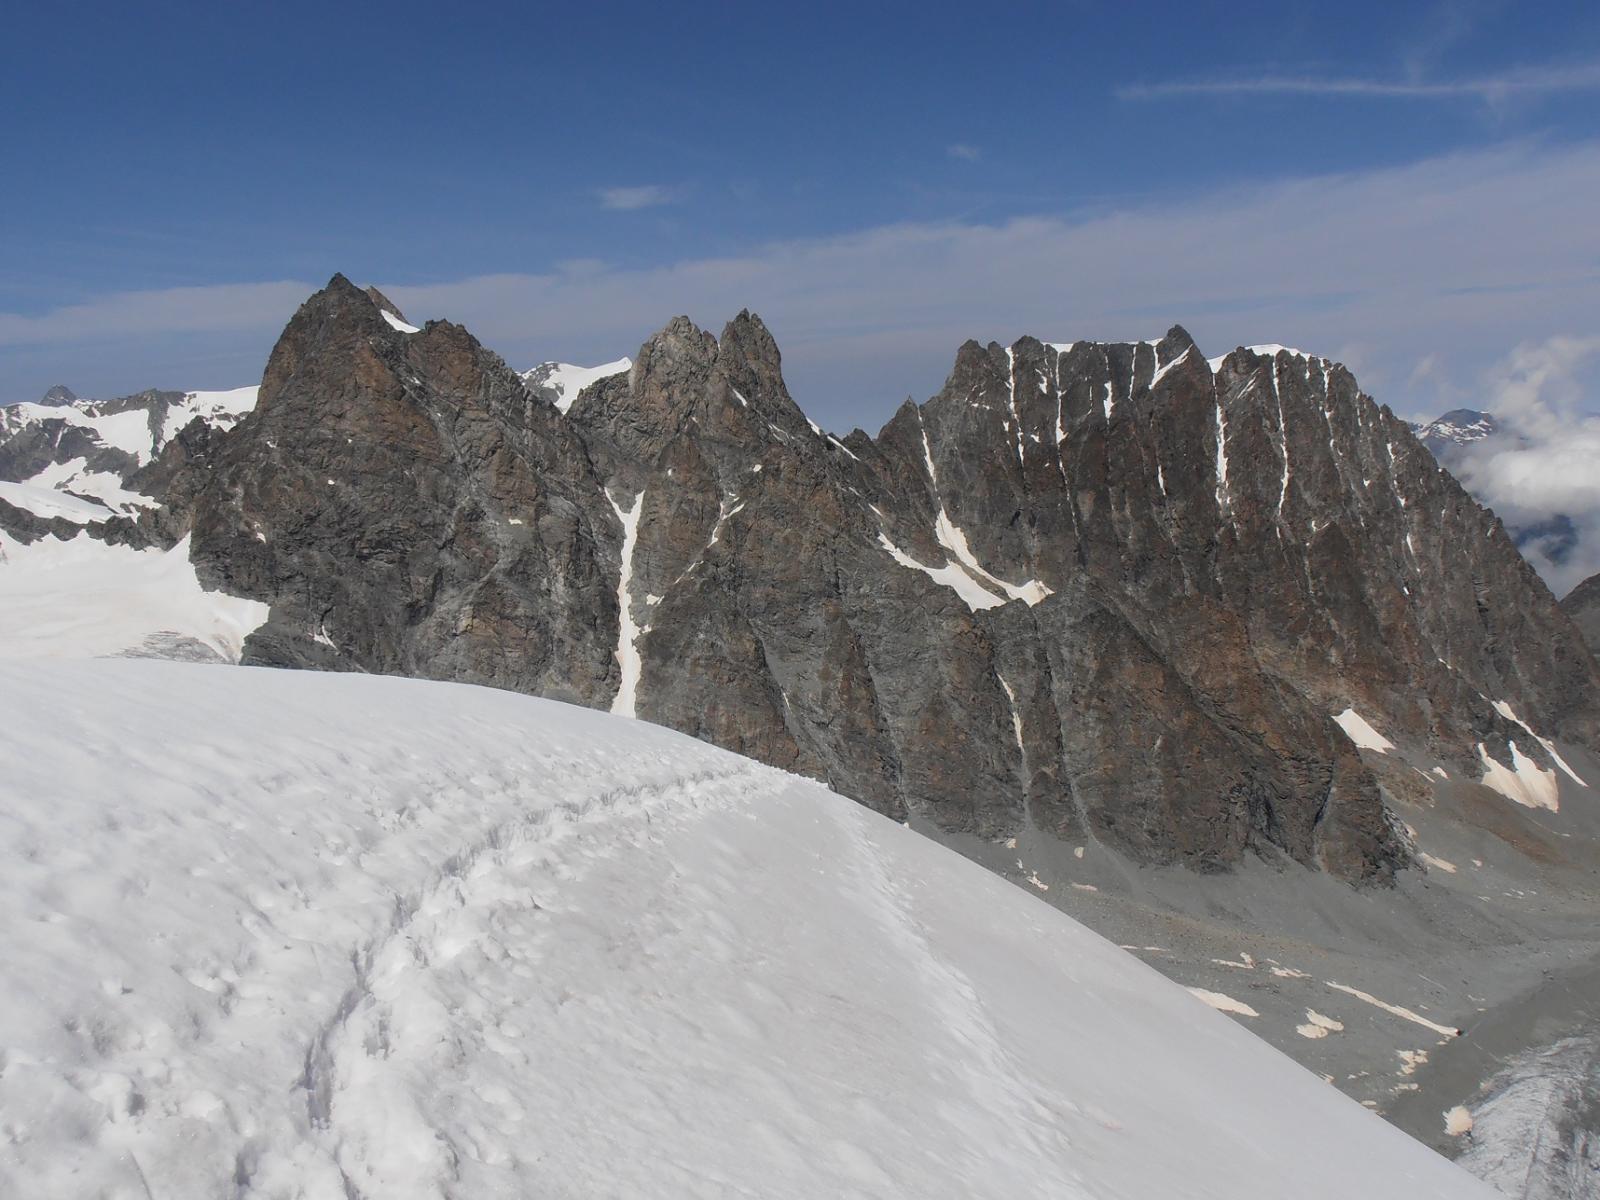 02 - arrivo in cima, sullo sfondo l'Eveque ed il Mont Collon